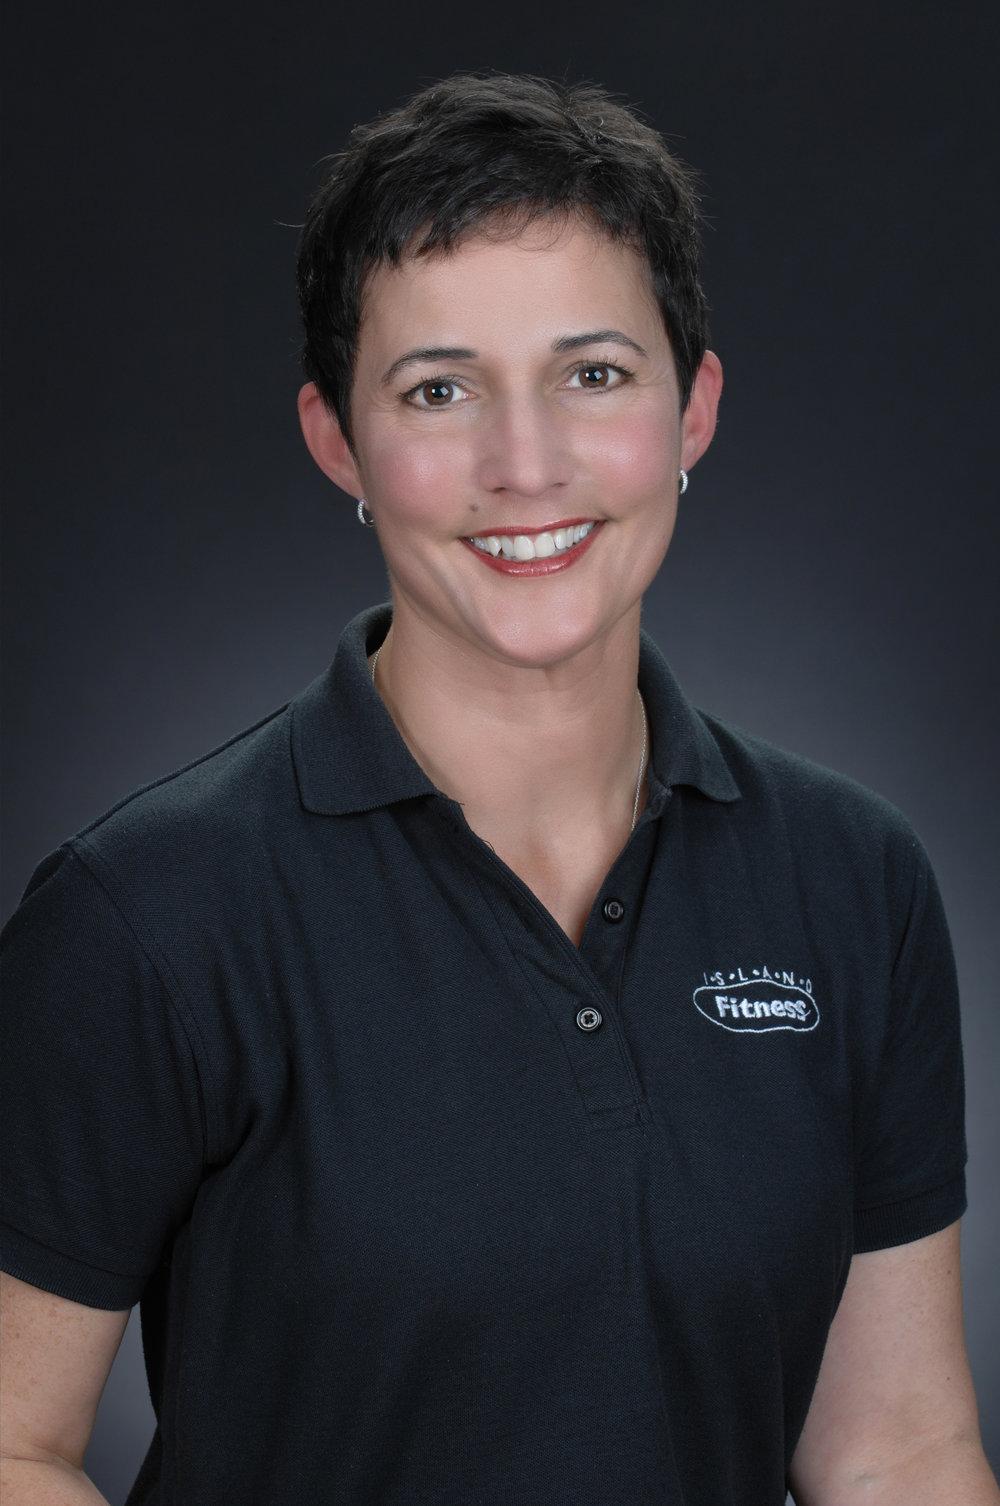 LORETTA STANTON | Professional Trainer